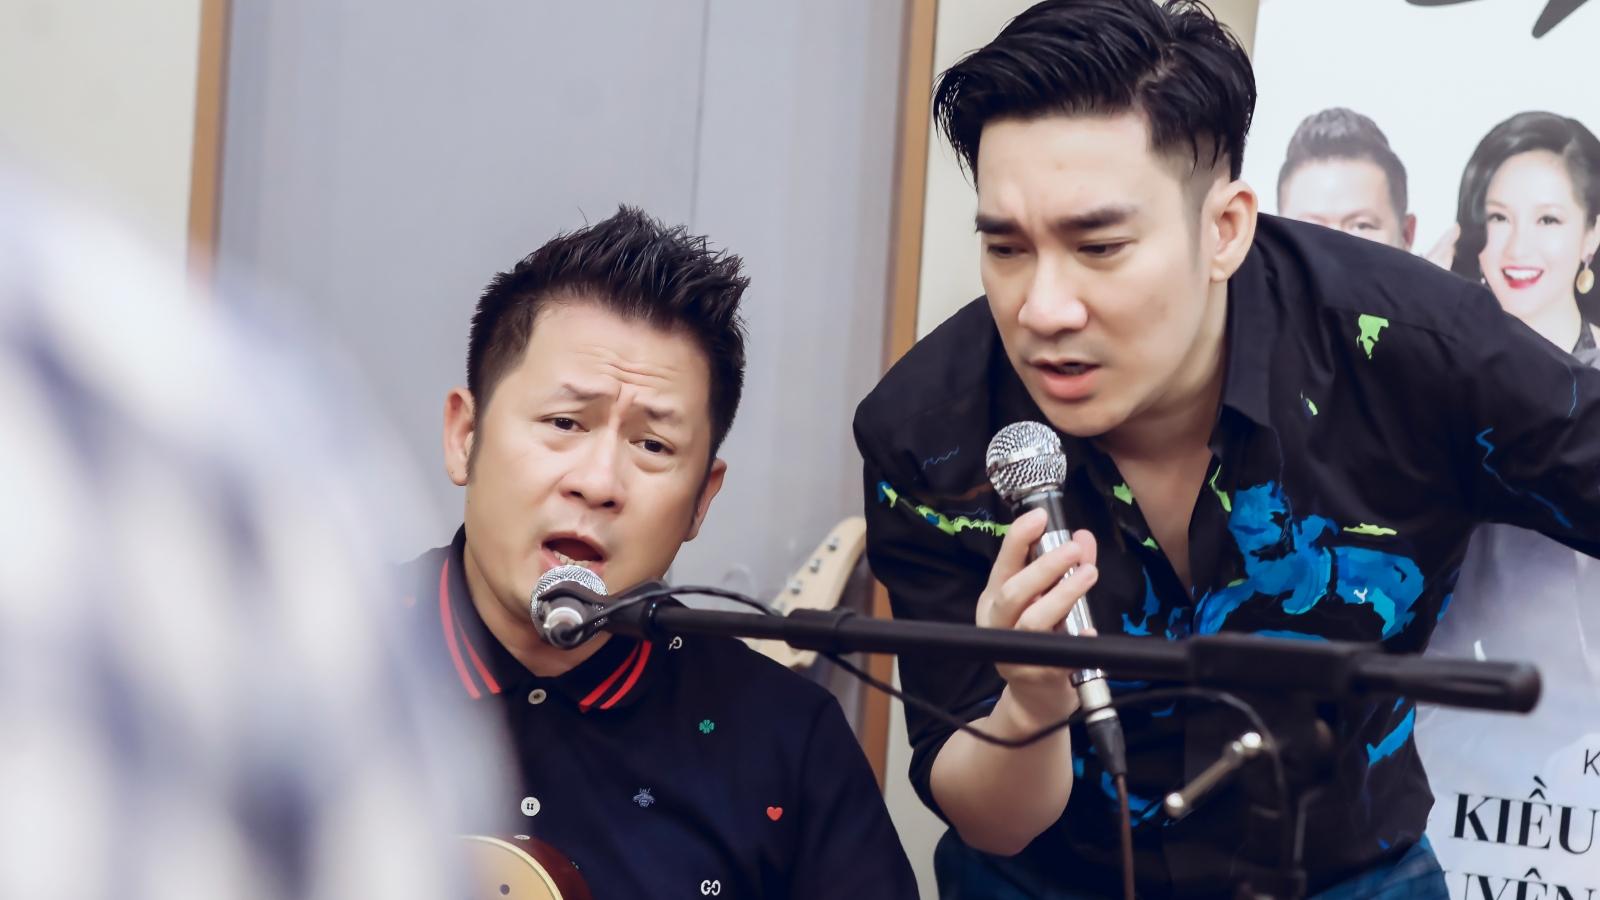 Quang Hà sụt 5kg vì tập luyện cho liveshow 11 tỷ đồng